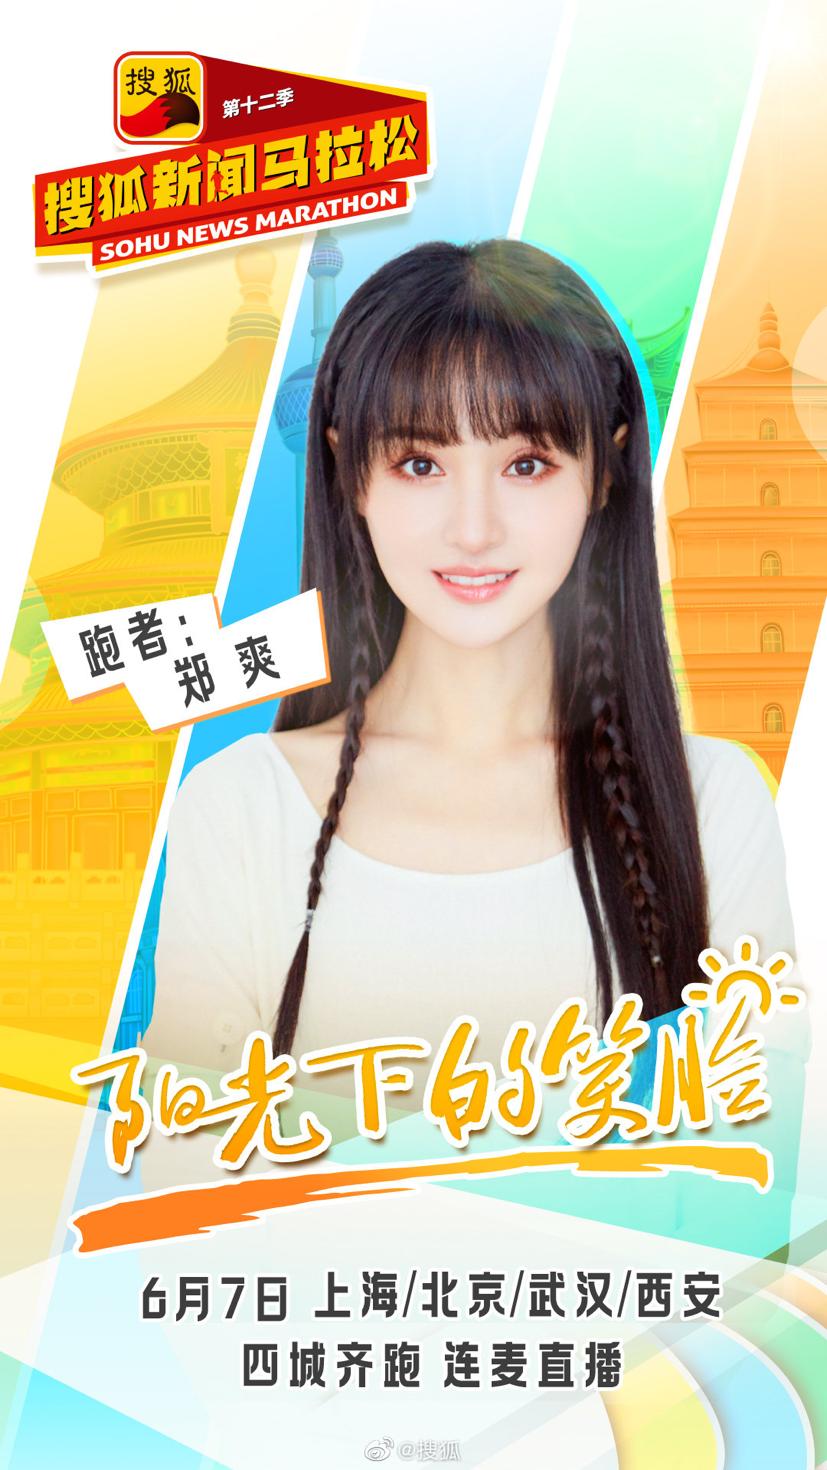 张朝阳:搜狐新闻马拉松将使用视频分屏直播技术  实现四地同步直播